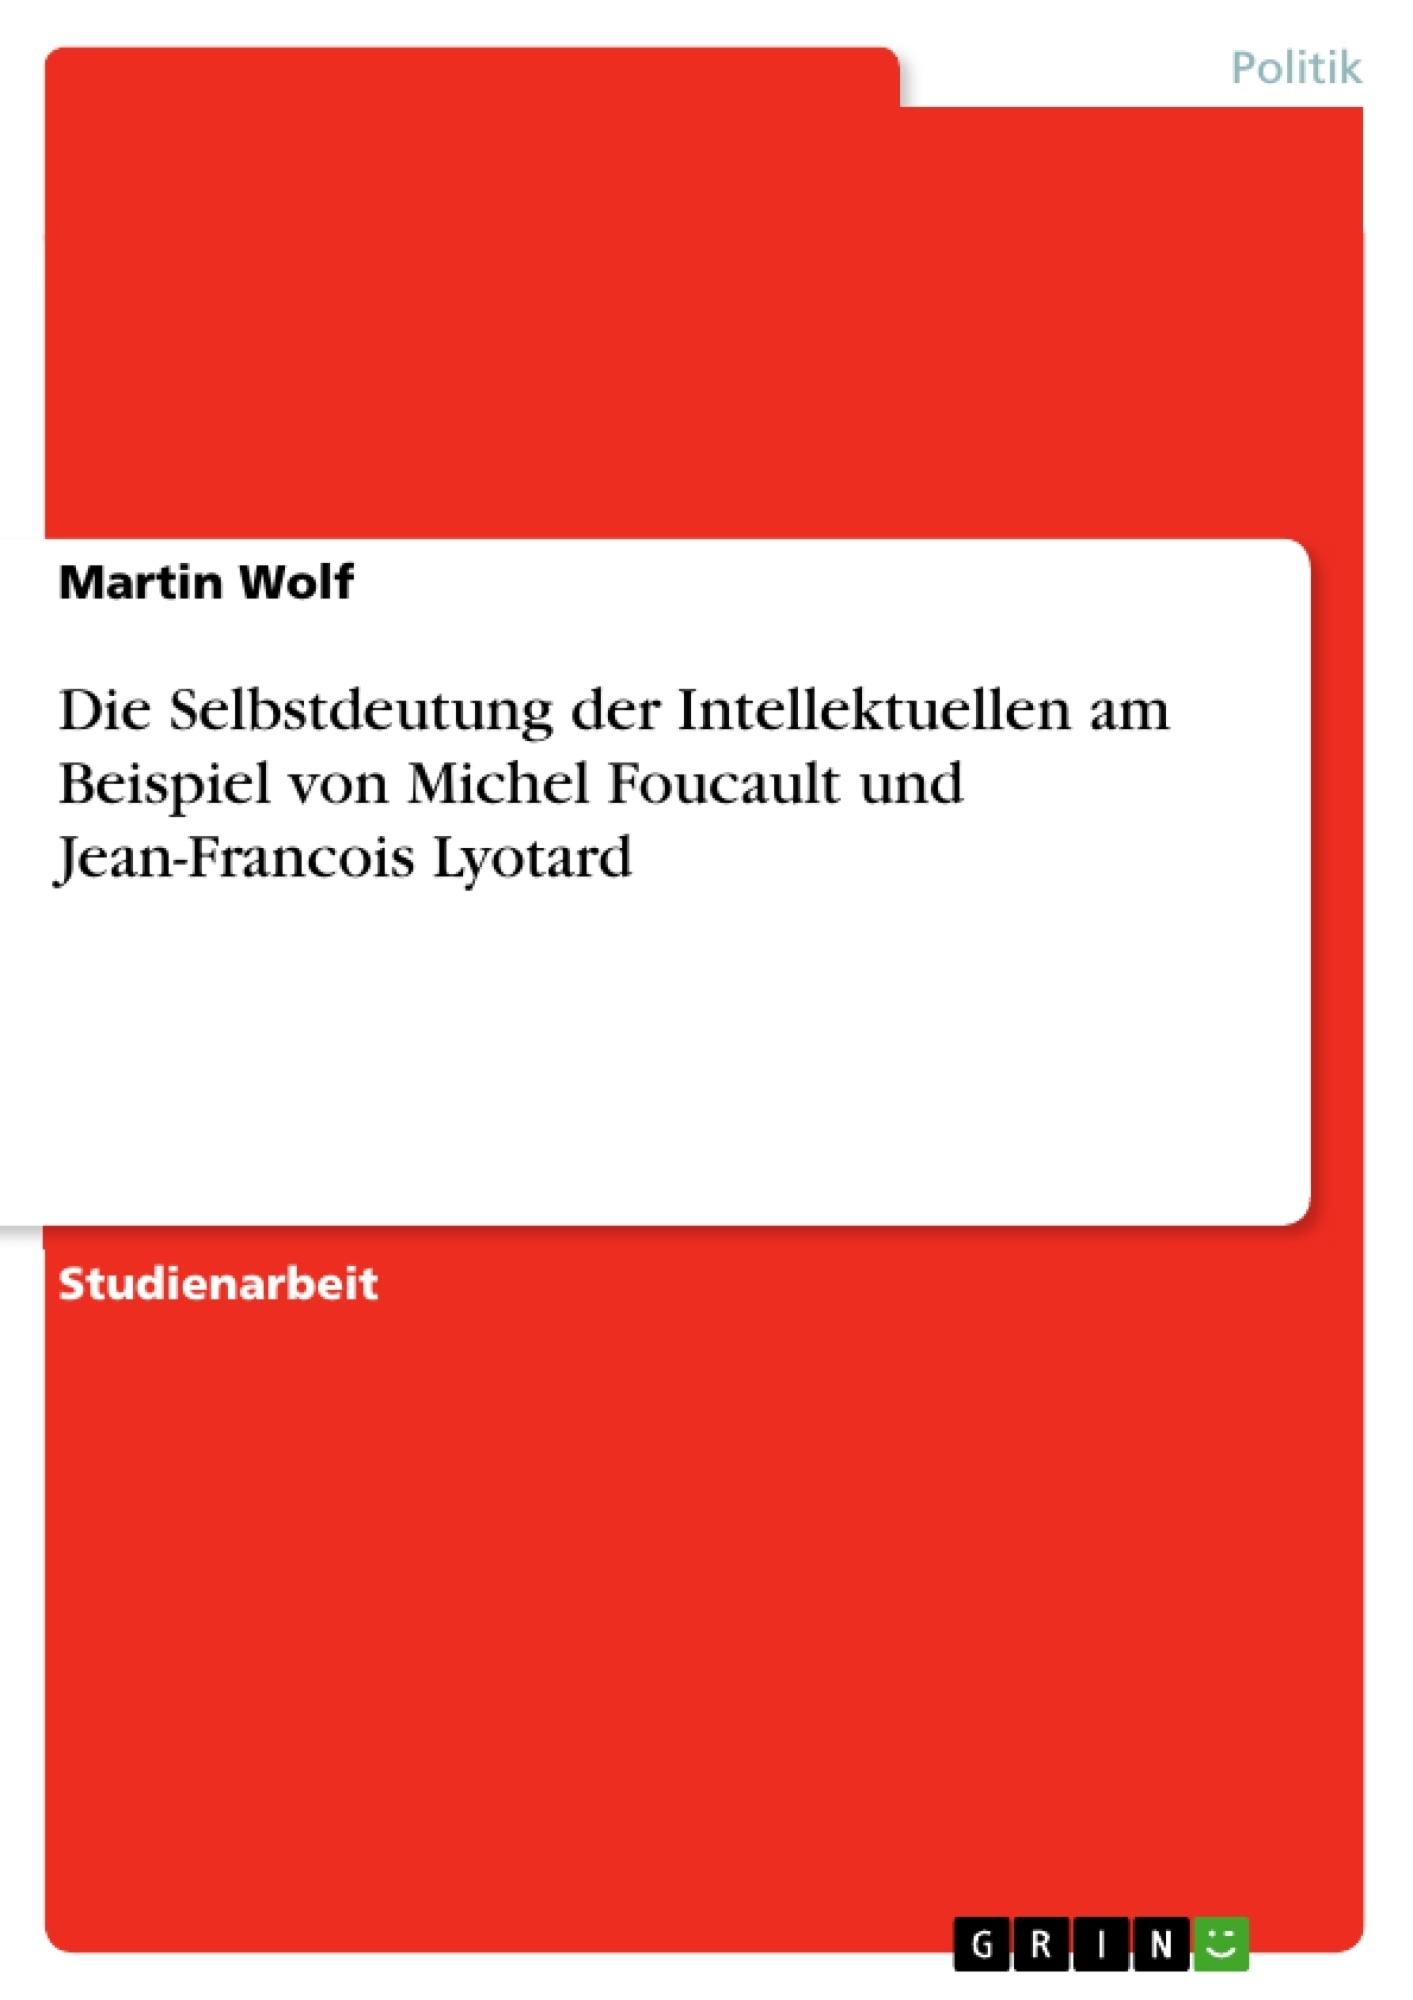 Titel: Die Selbstdeutung der Intellektuellen am Beispiel von Michel Foucault und Jean-Francois Lyotard